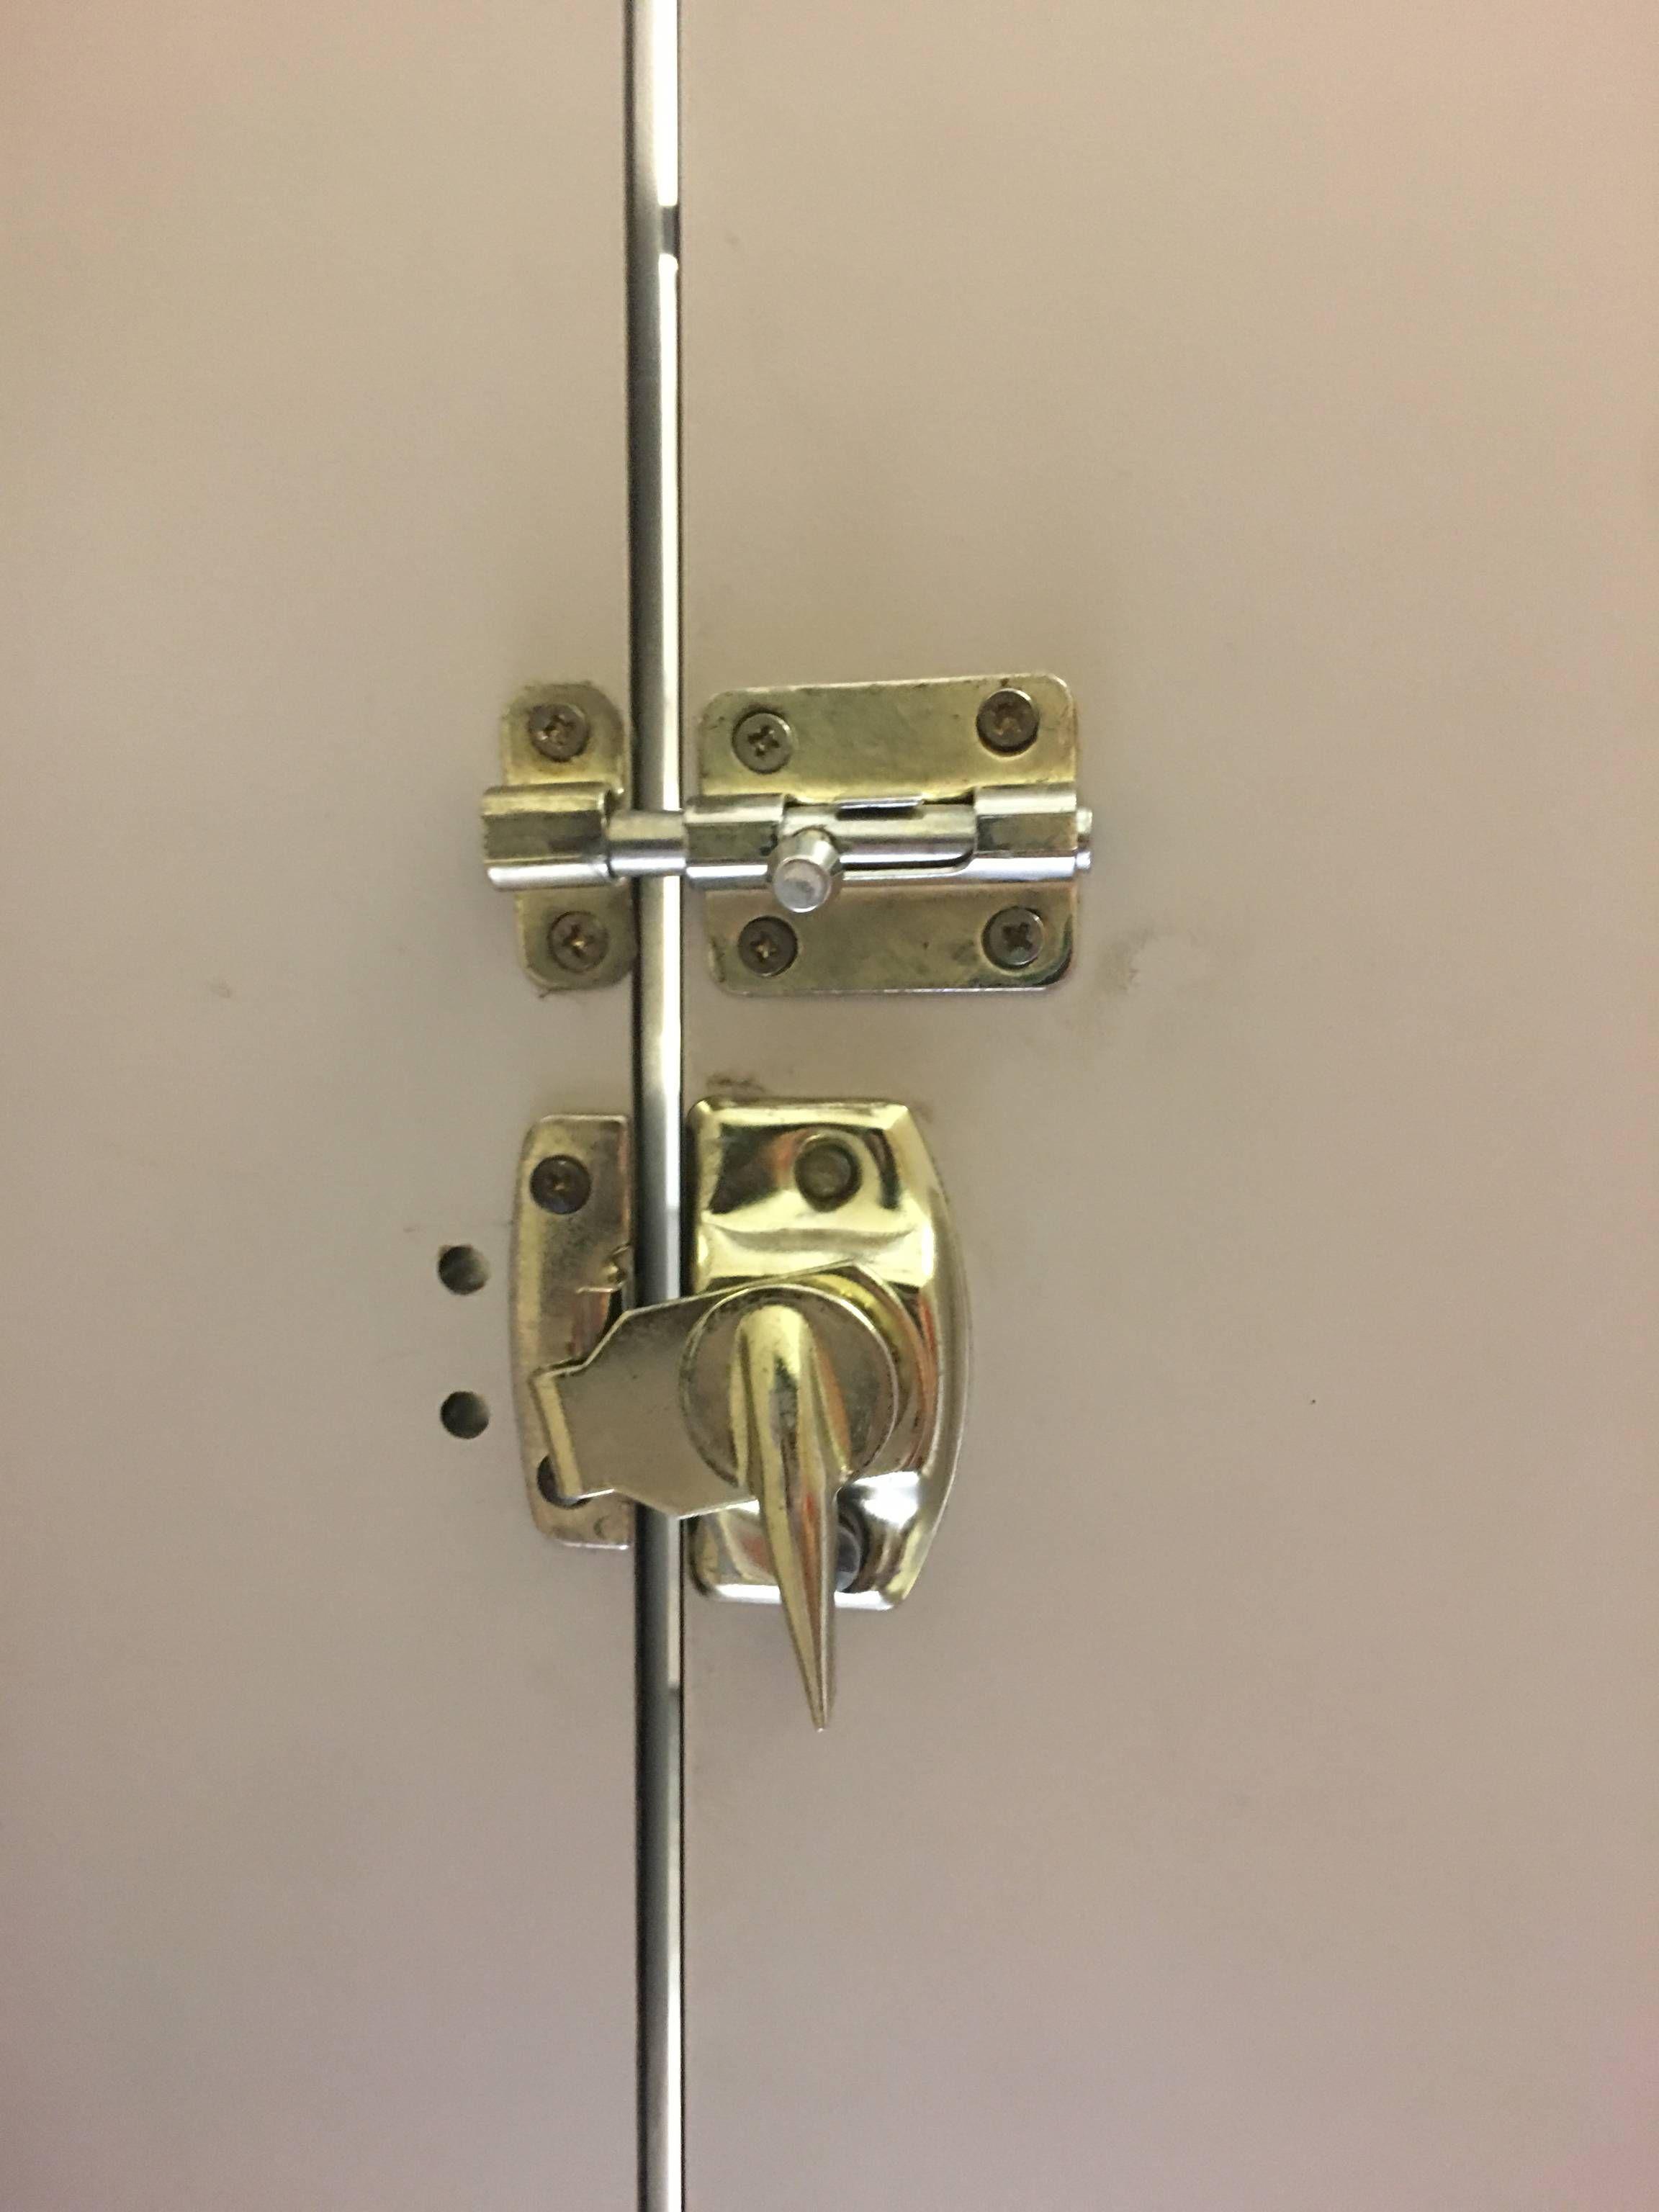 This Bathroom Stall Has 2 Locks Bathroom Stall Doors Bathroom Stall Bathroom Door Handles